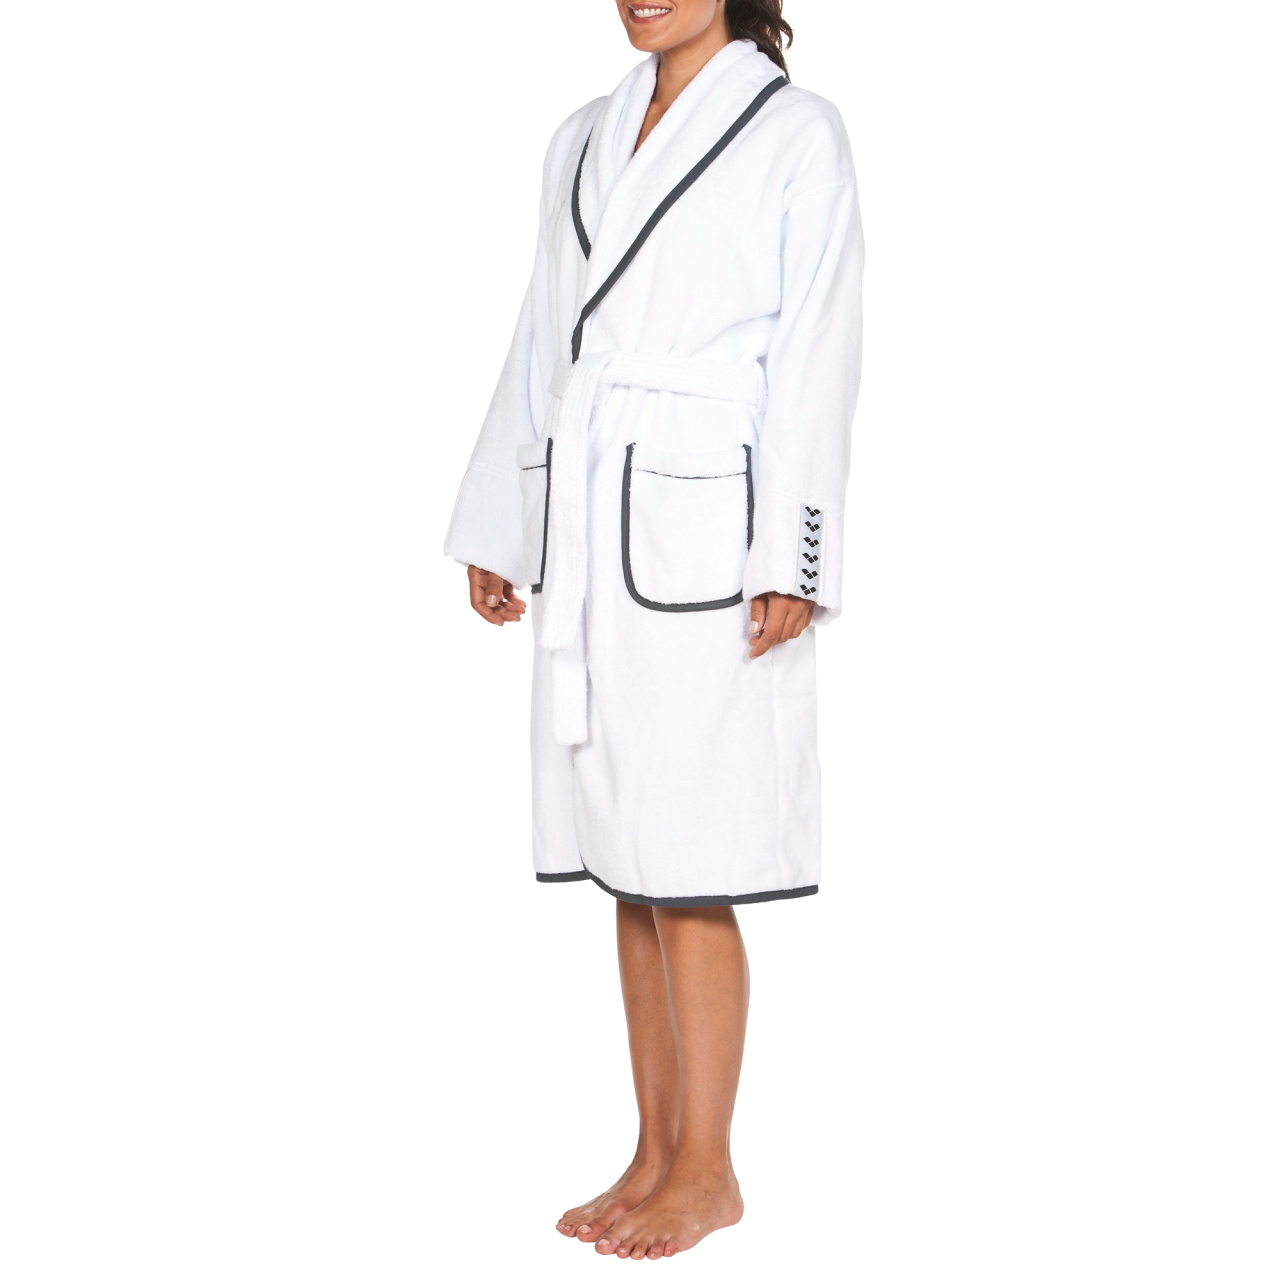 W Premium Soft Robe eba57642a8